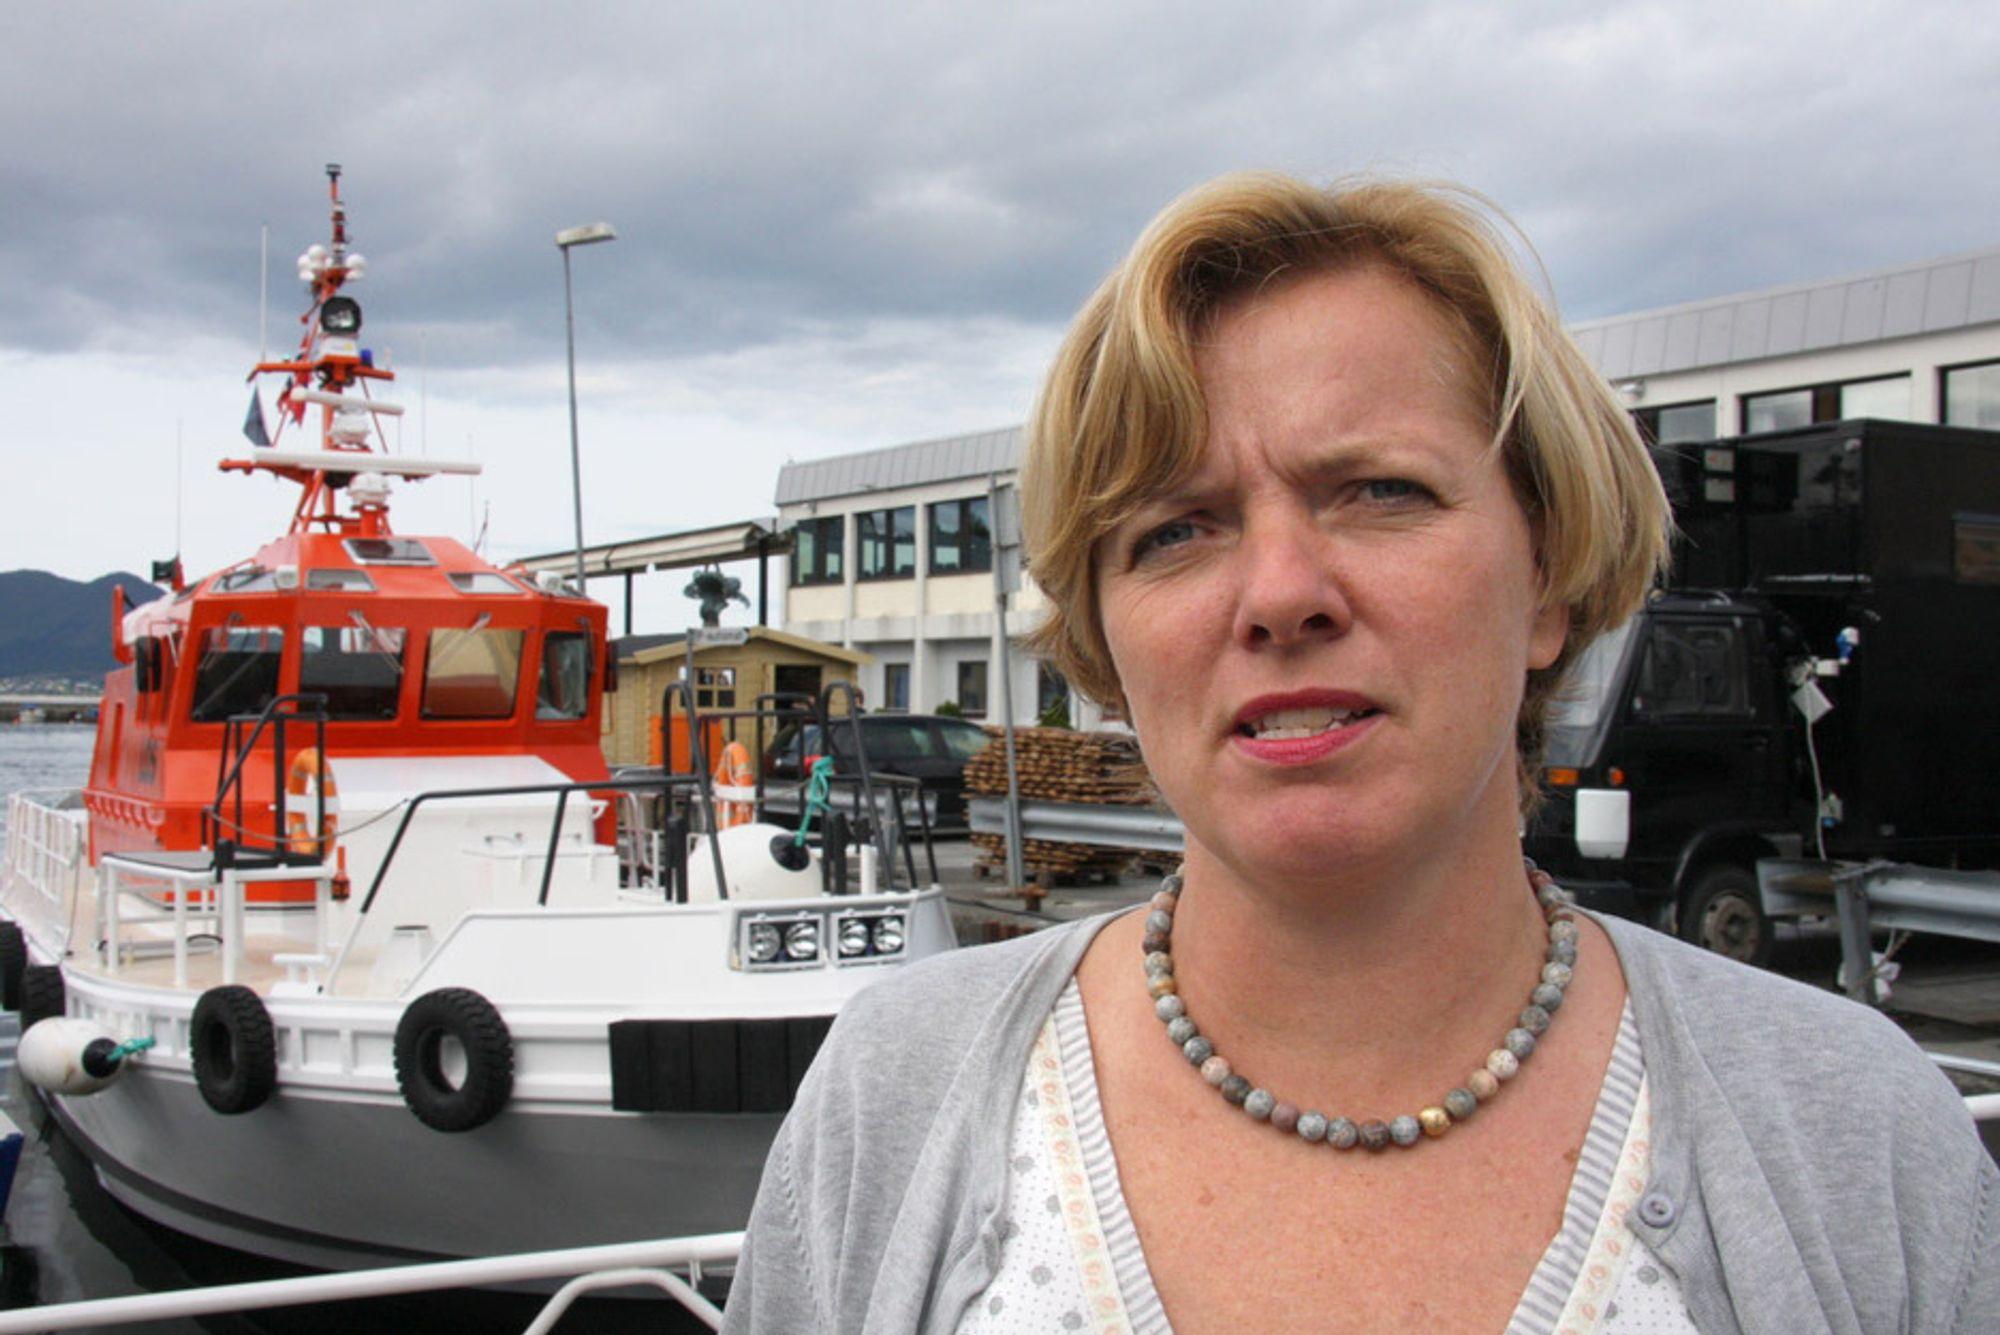 Kystdirektør Kirsti Slotsvik frykter utslipp fra de store oljetankerne.